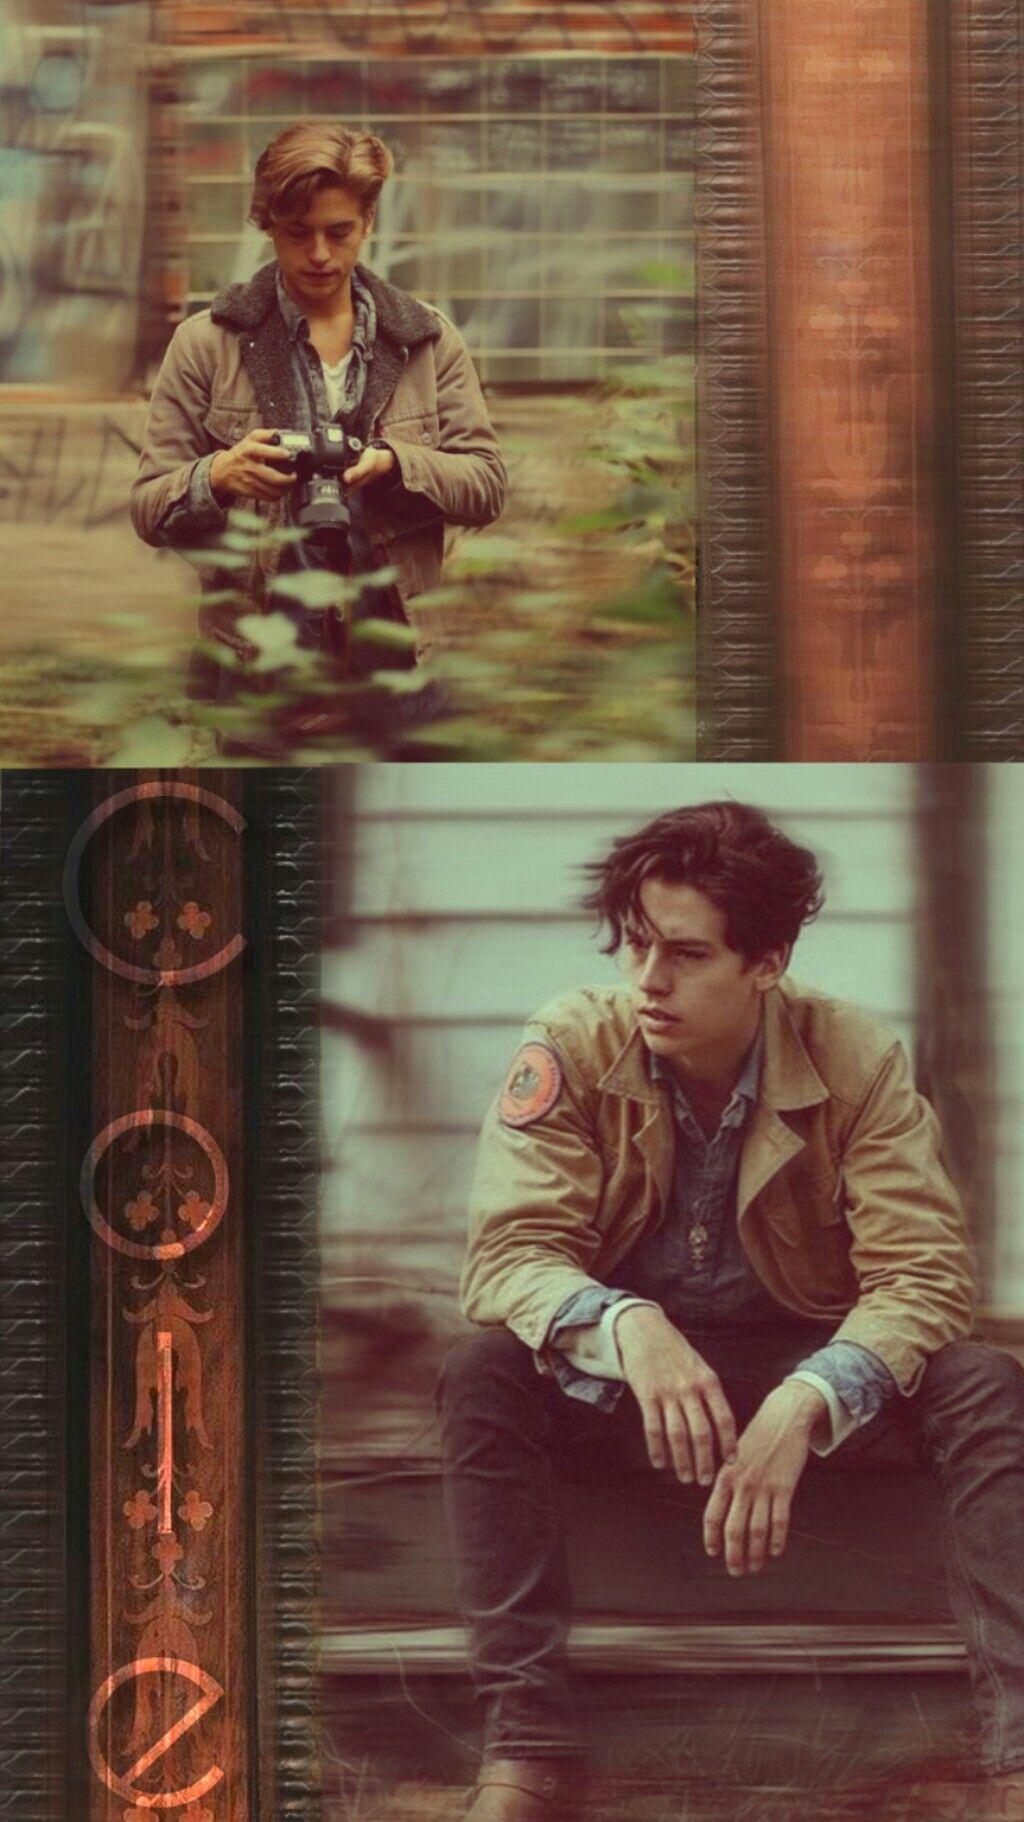 Cole Sprouse Wallpaper Brown Aesthetic Sfondi Per Telefono Cole Sprouse Attori